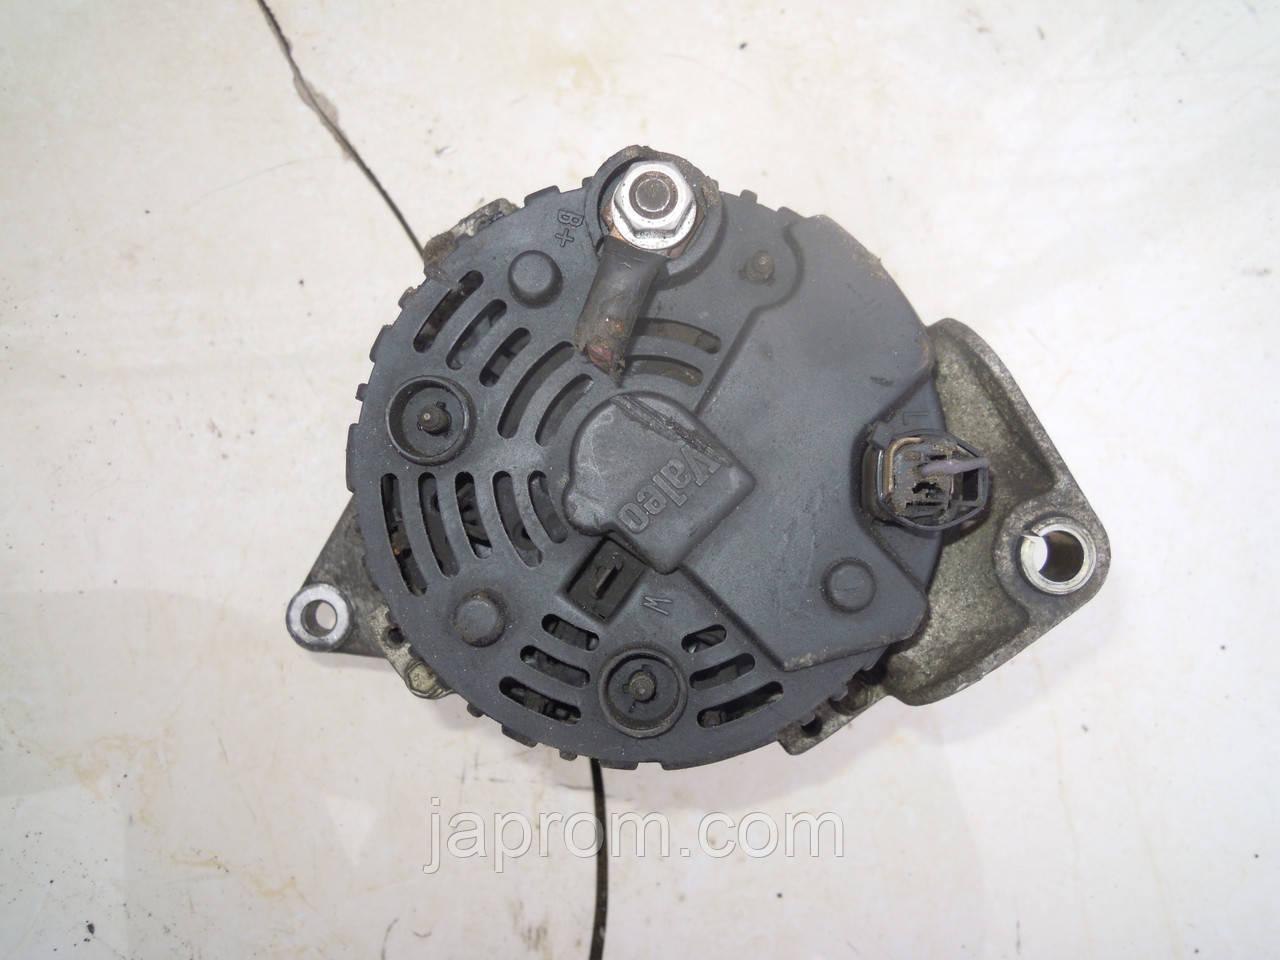 Генератор Renault Megane Kangoo 1.9 DCI Valeo A13V1252 14V 80A